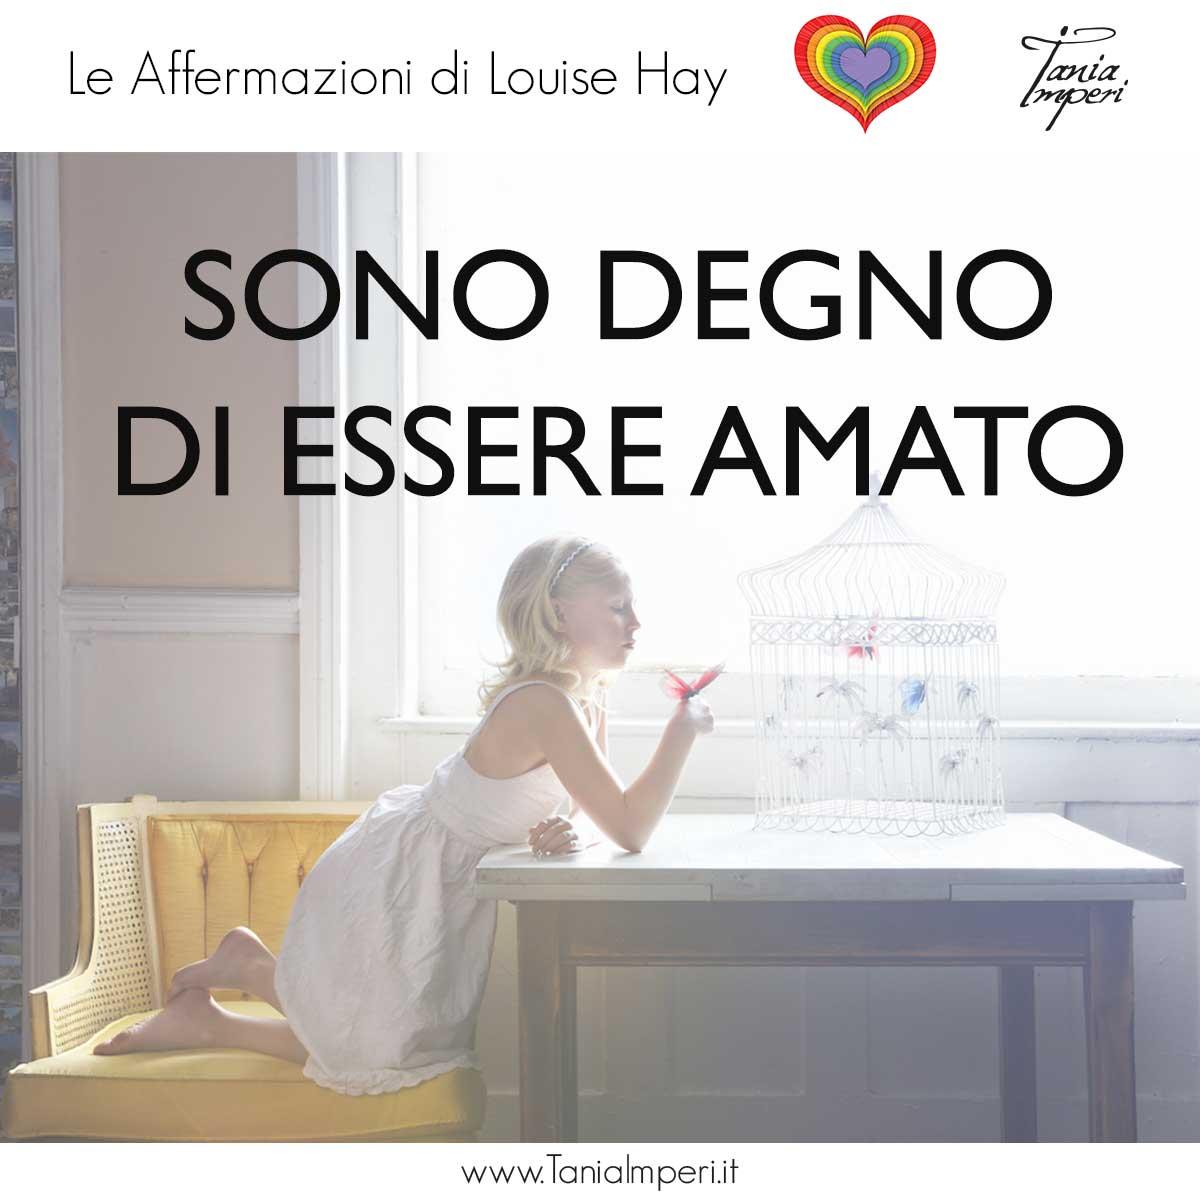 AFFERMAZIONI_LOUISE_HAY_TANIA_IMPERI_39_SONO_DEGNO-DI-ESSERE-AMATO-25SET2017